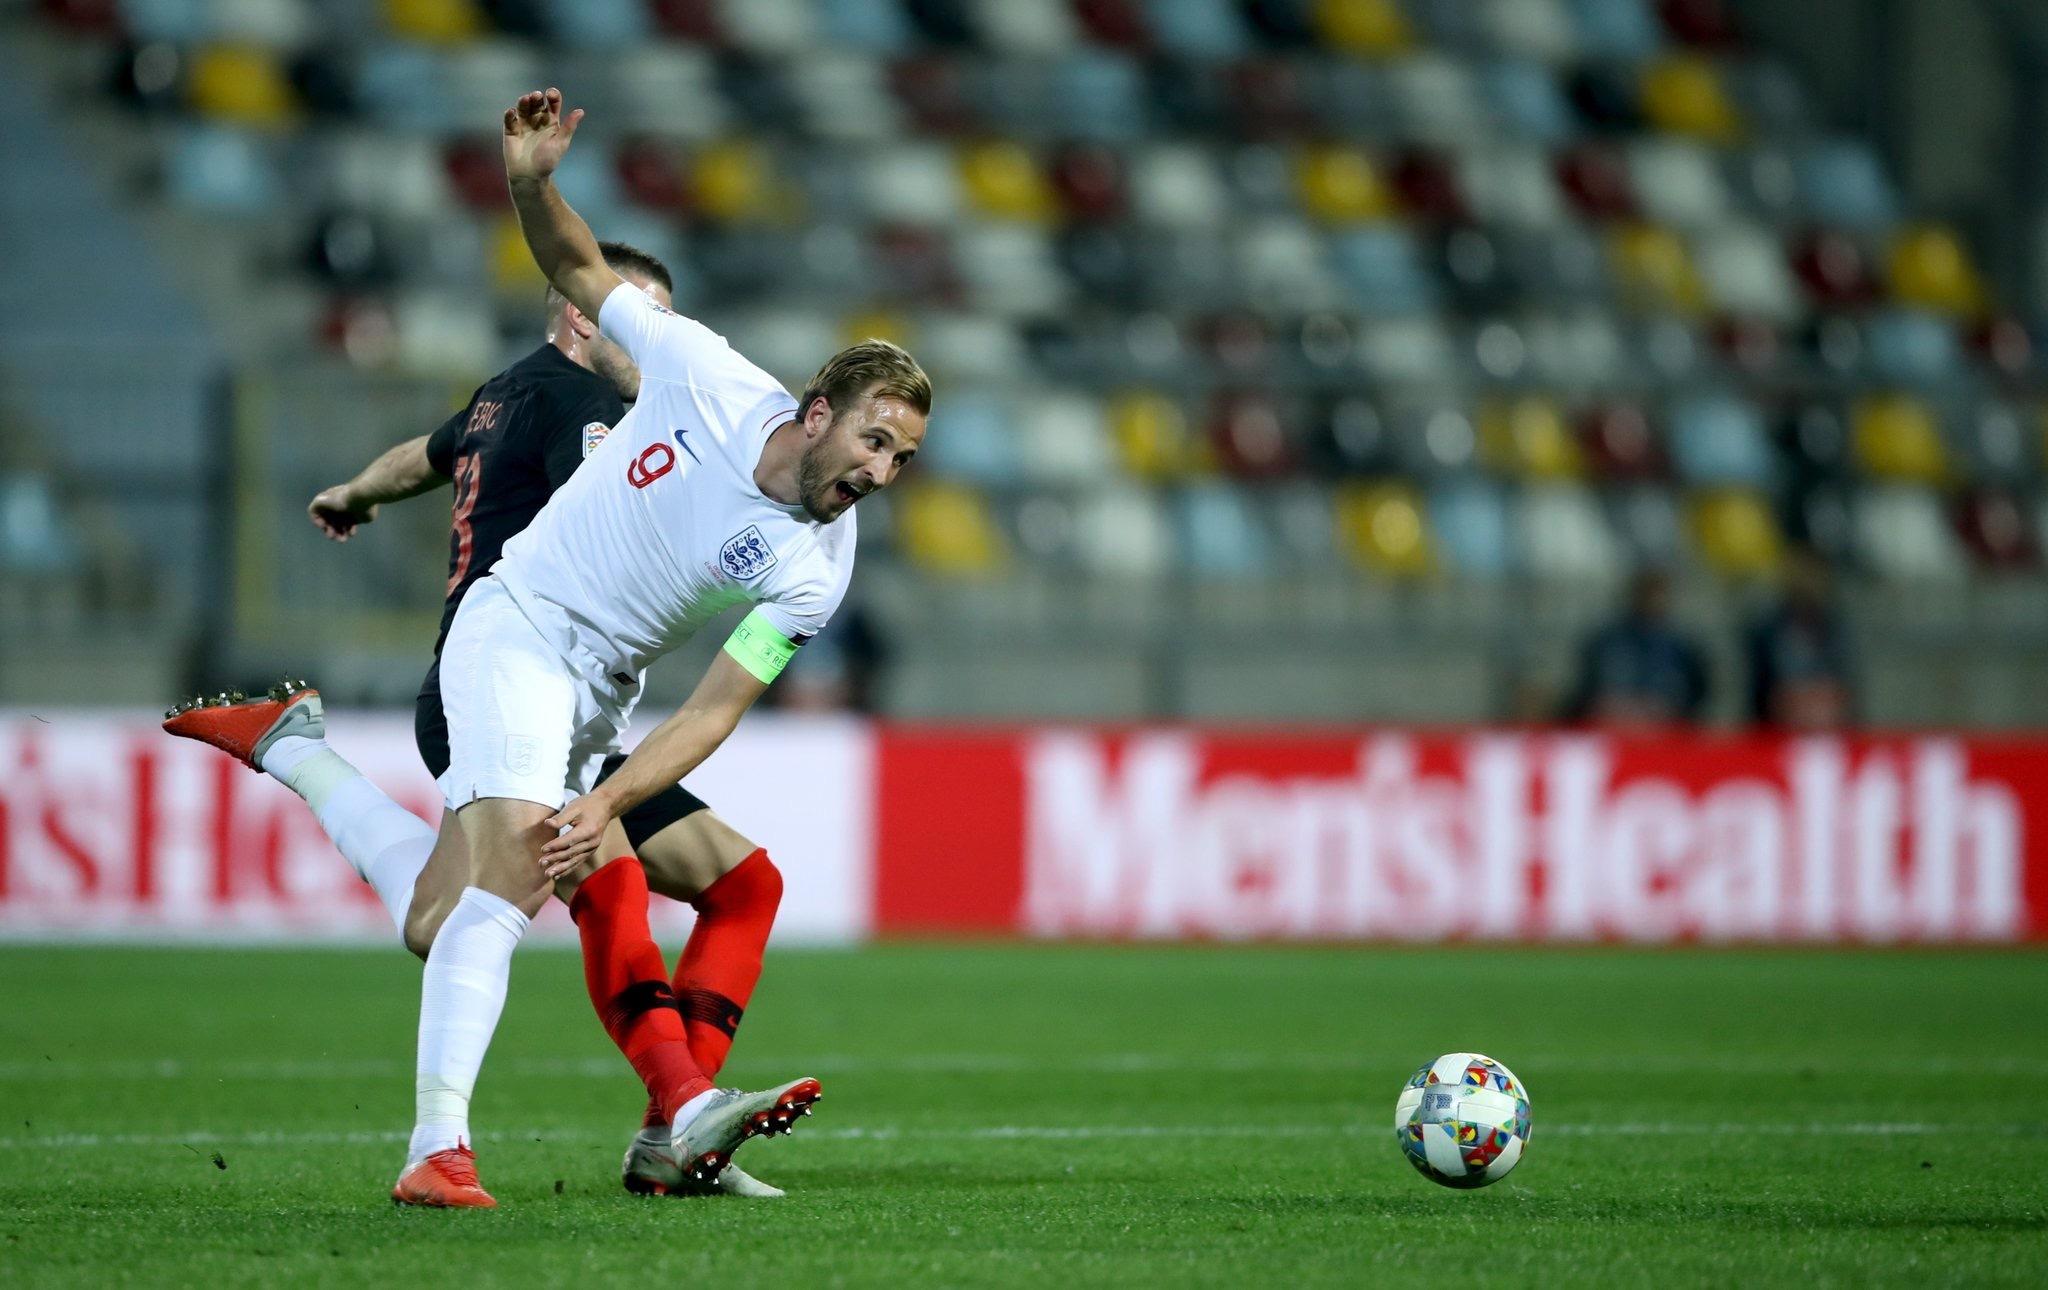 全场仅1射!凯恩遇连续6场国家队球荒 世界杯金靴徒有其名